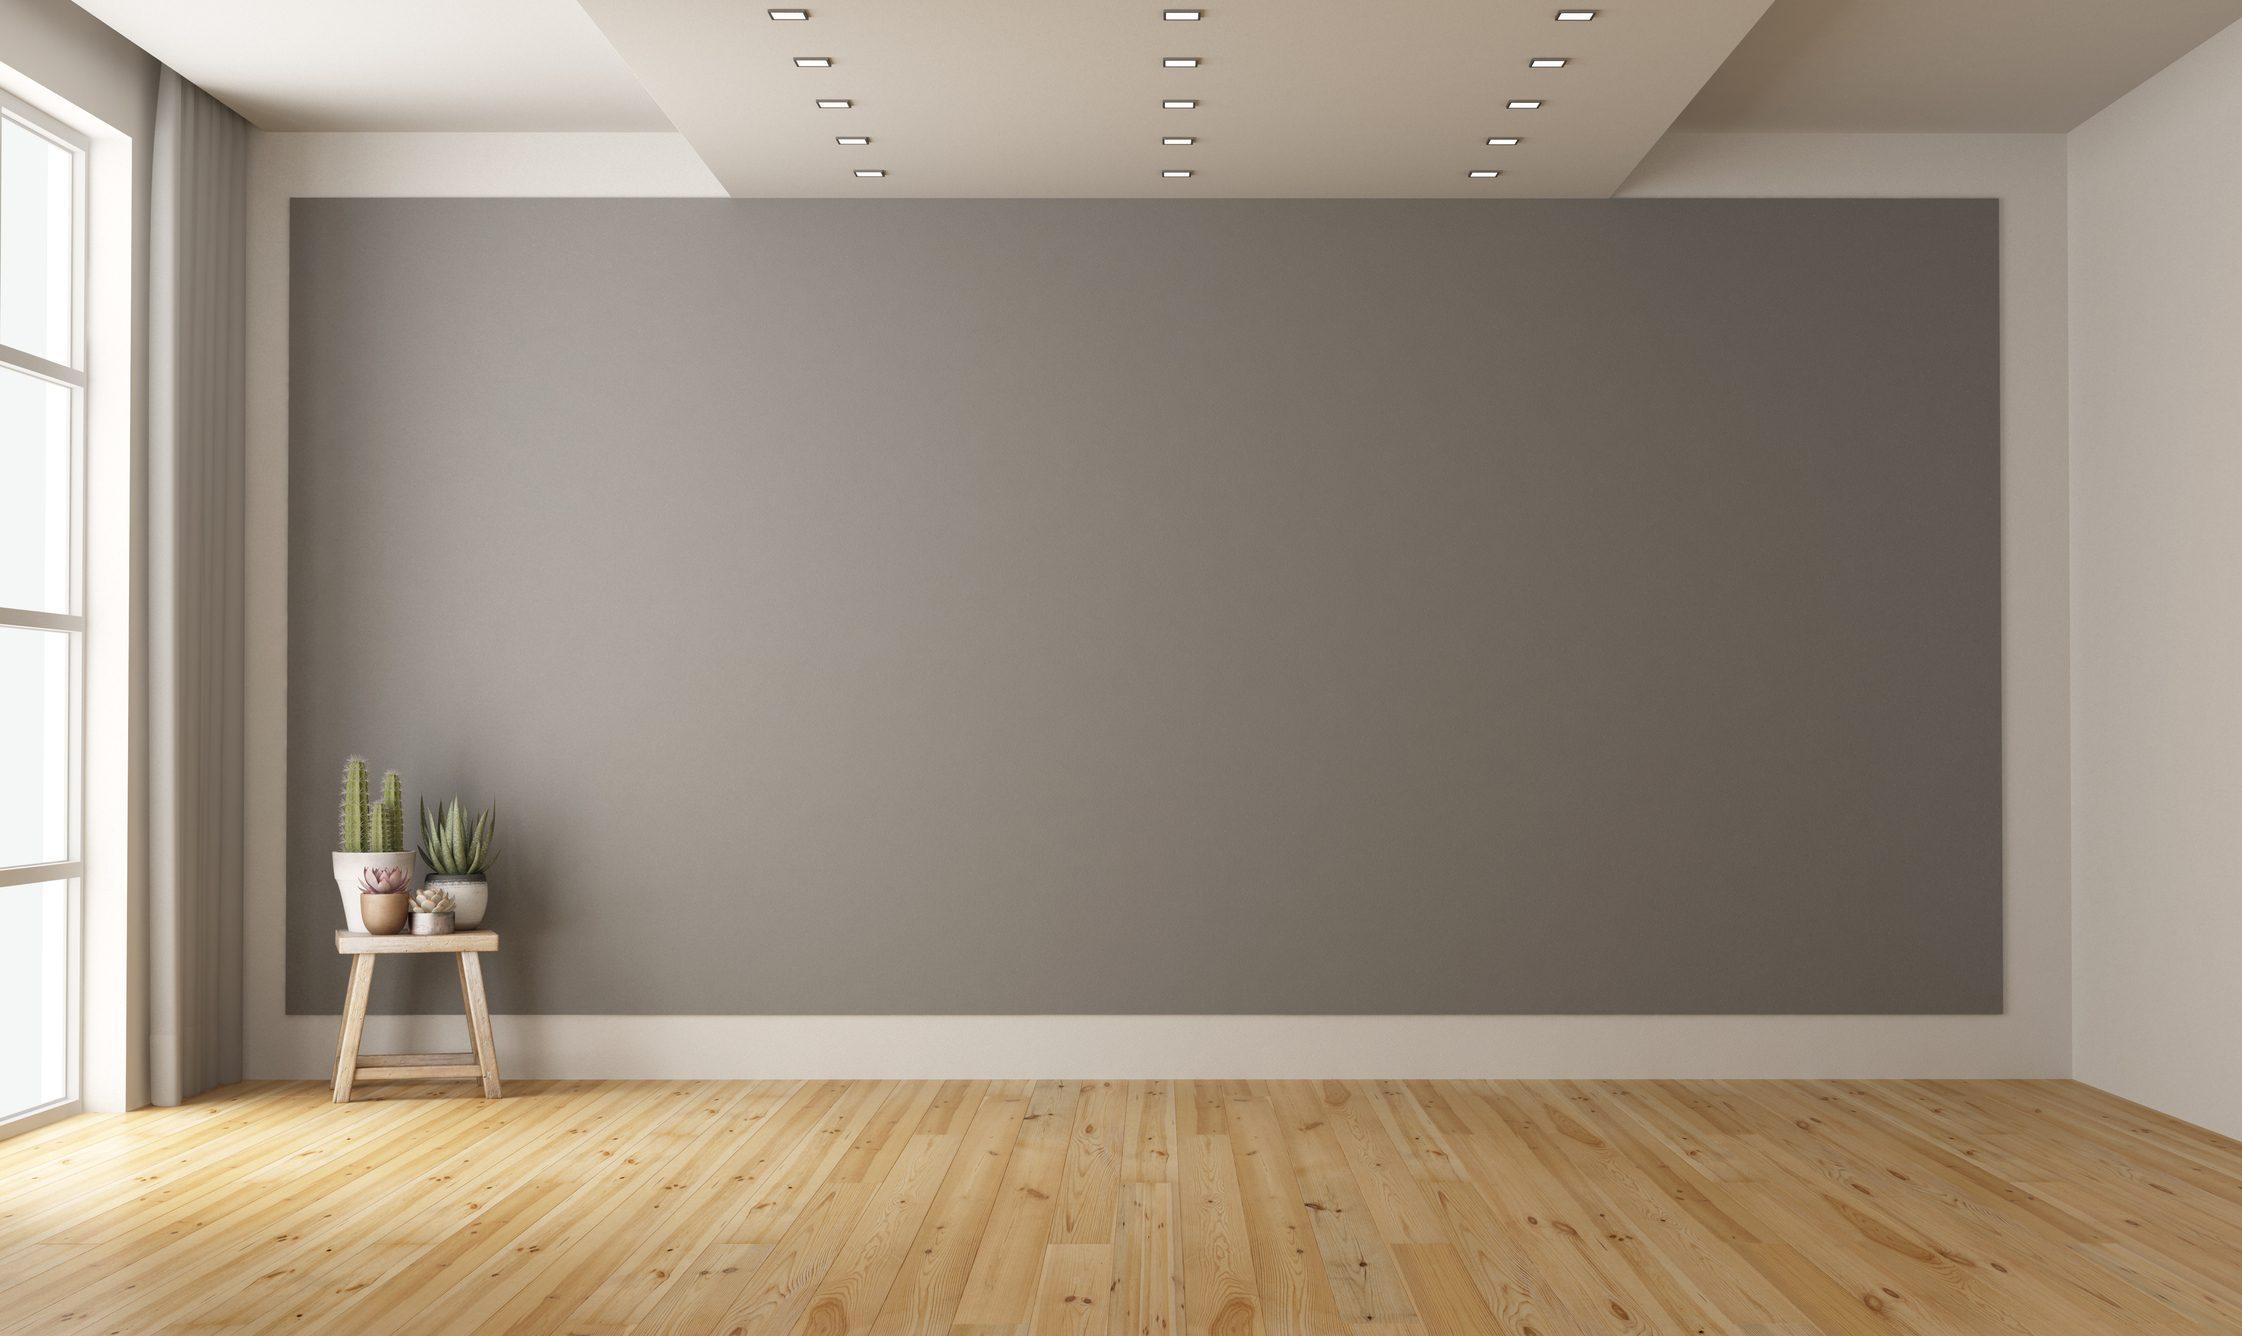 Mobili in un tono marrone è perfetto per toni caldi: Arredare Le Pareti Di Casa Con Il Colore Grigio Il Colore Non Colore Tra Bianco E Nero Ohga